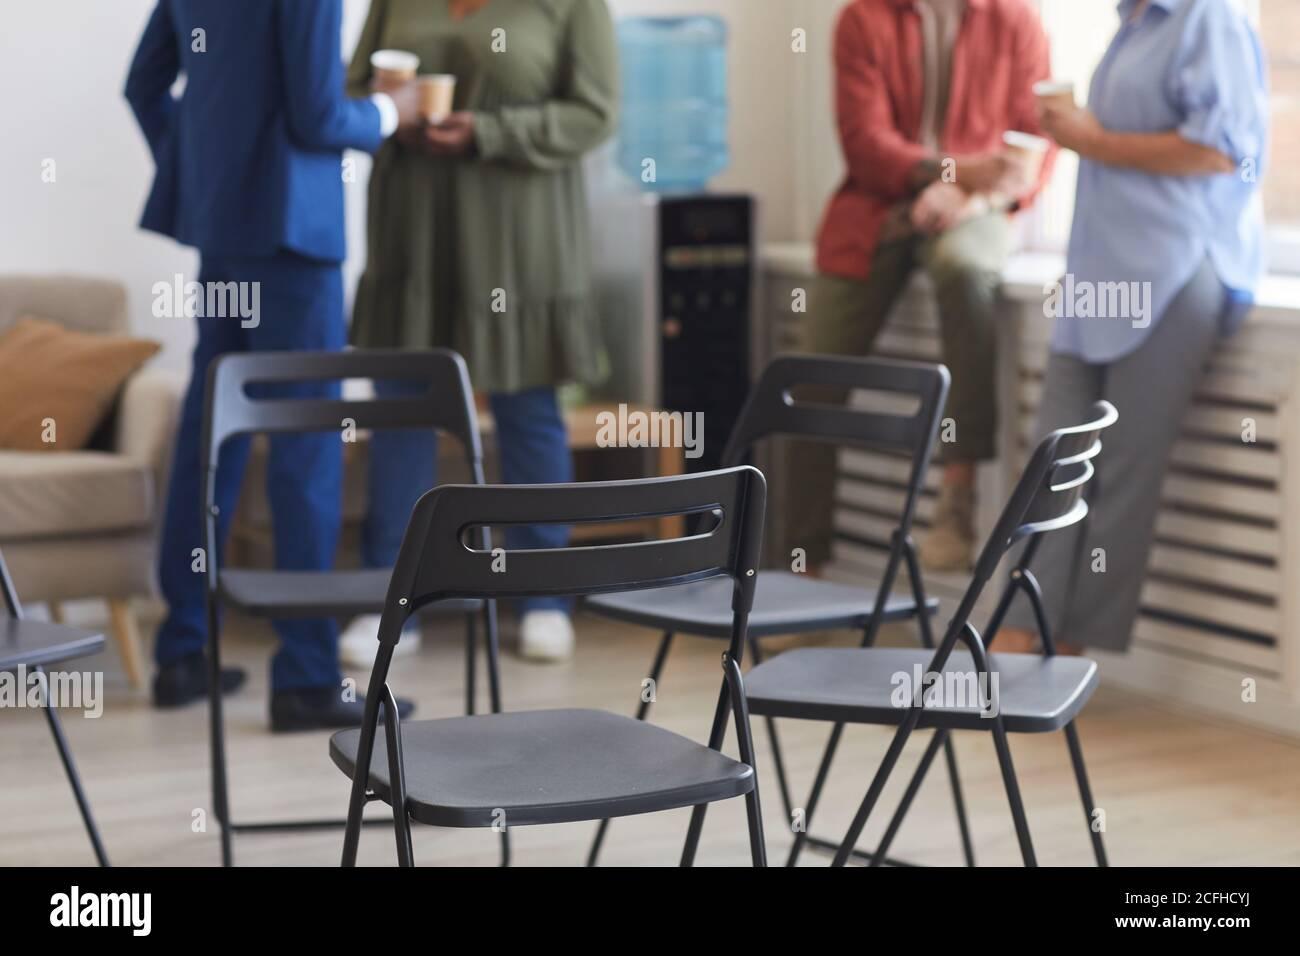 Ripresa tagliata di sedie vuote in cerchio durante la riunione di gruppo di supporto con le persone che chiacchierano in background, spazio di copia Foto Stock